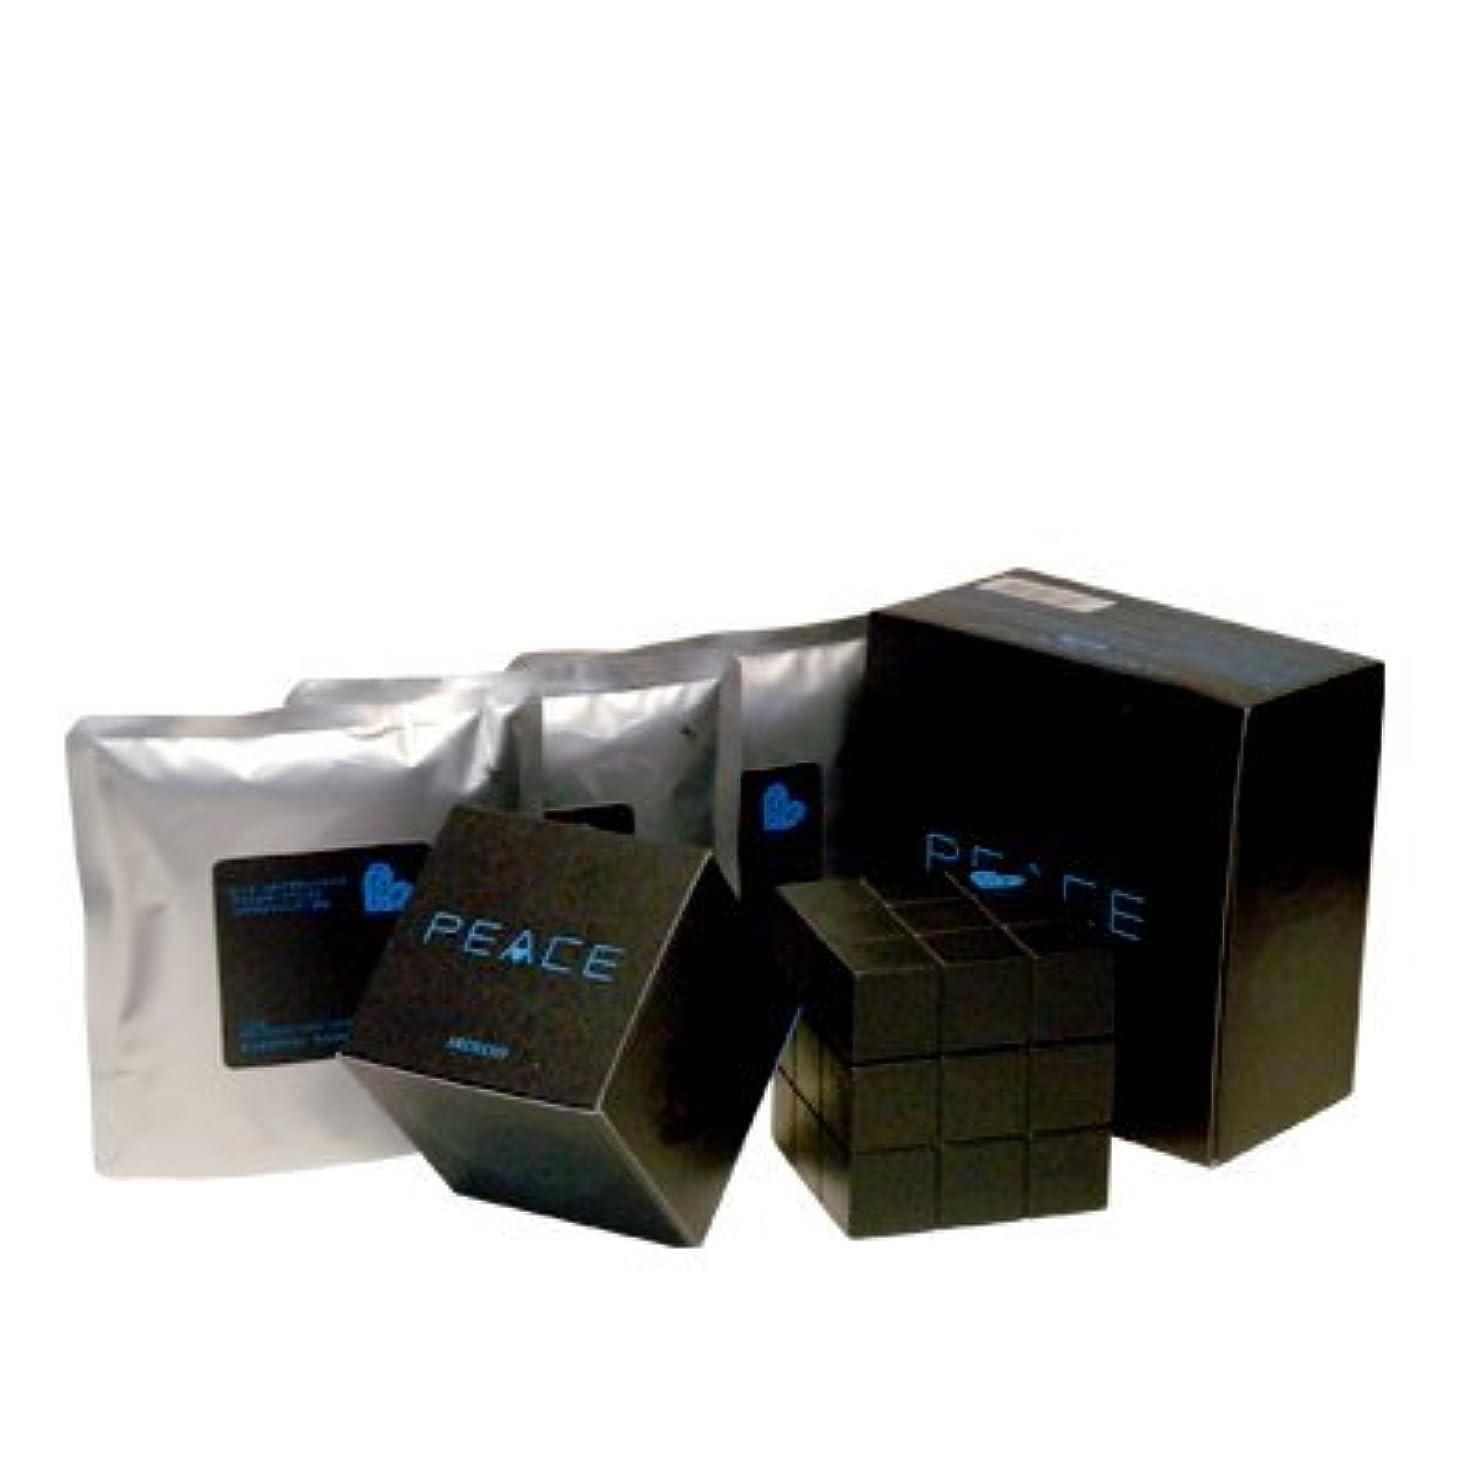 行商人無礼に酸化するアリミノ ピース プロデザインシリーズ フリーズキープワックス ブラック80g+詰め替え80g×3